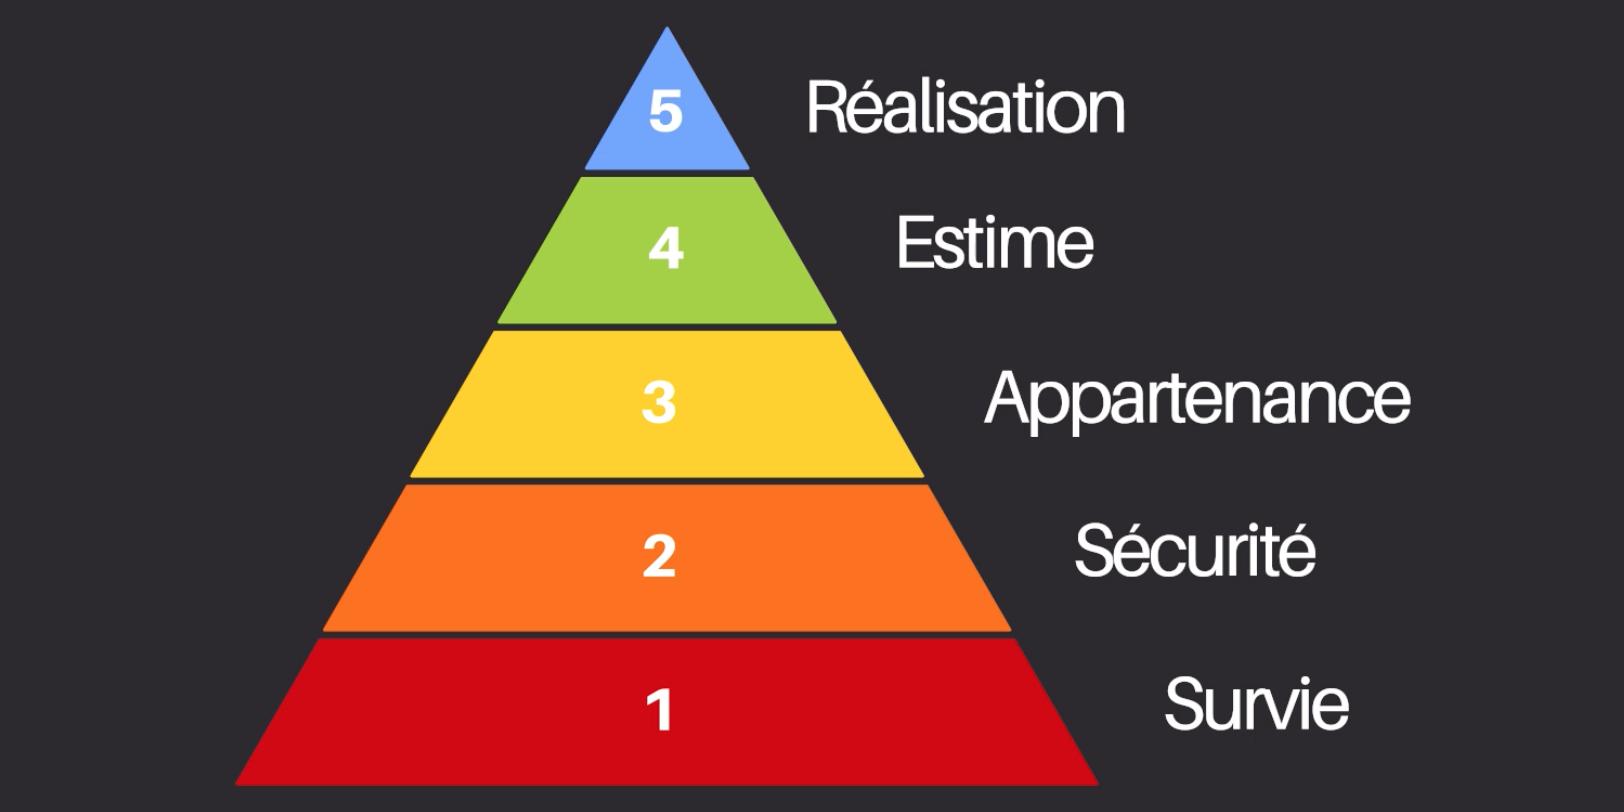 Les 5 besoins universels selon Maslow : 1-survie, 2-sécurité, 3-appartenance, 4-estime, 5-réalisation